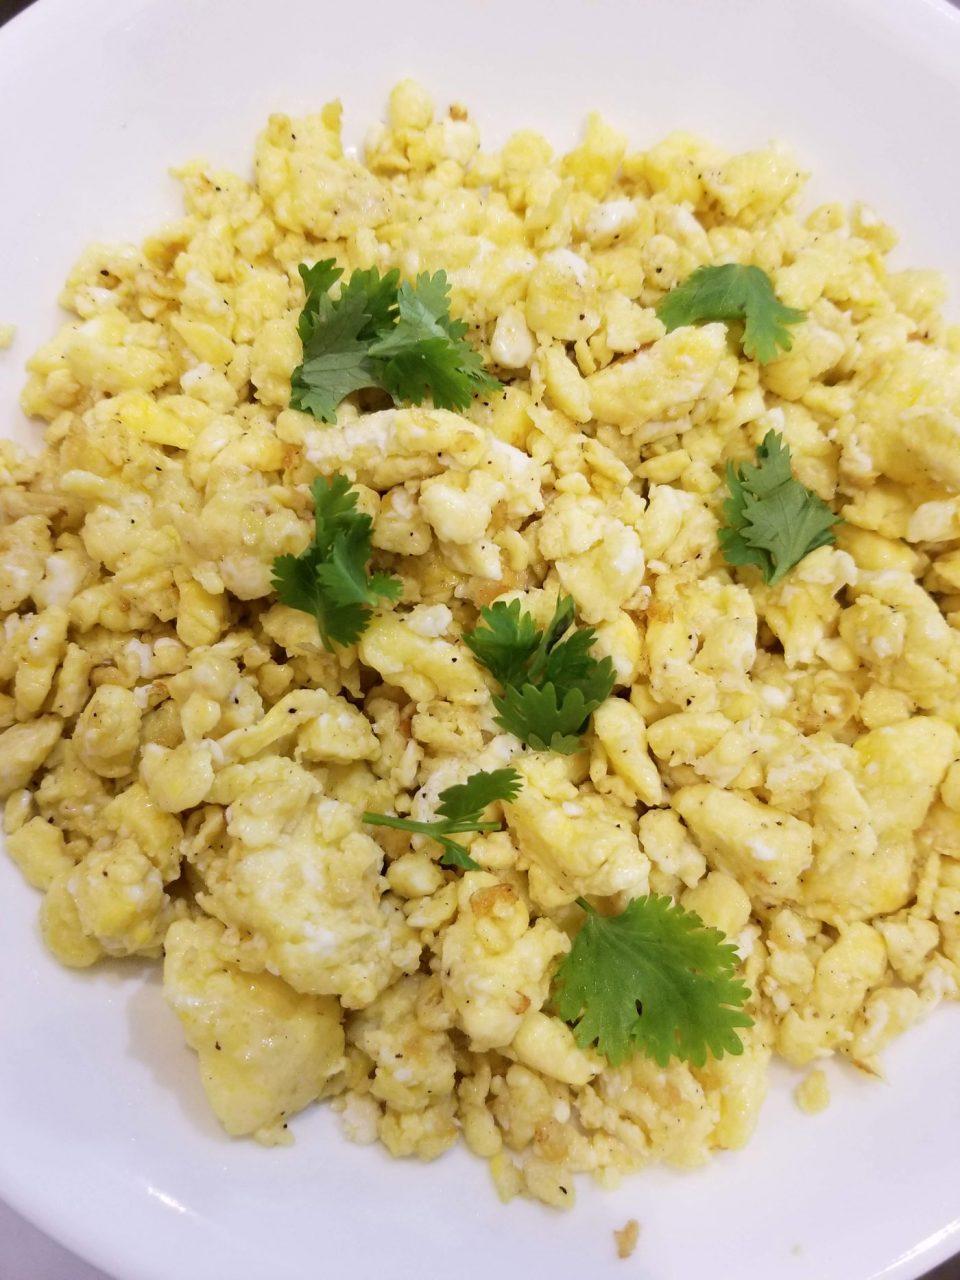 instant pot scrambled eggs perfect